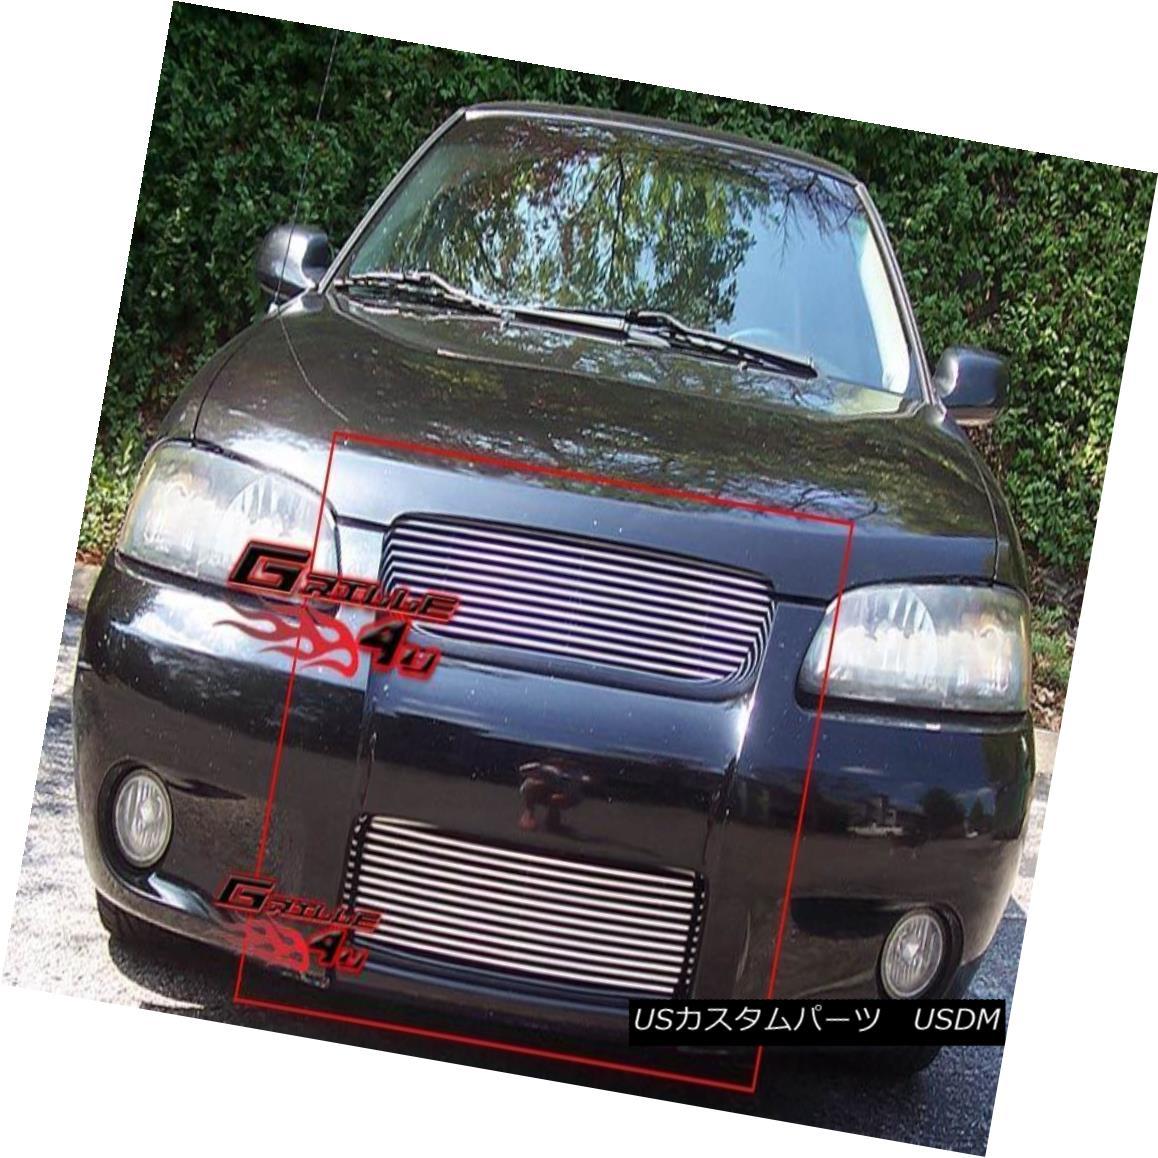 グリル Fits 2002-2003 Nissan Sentra SE-R Billet Grille Combo フィット2002-2003日産セントラSE-Rビレットグリルコンボ